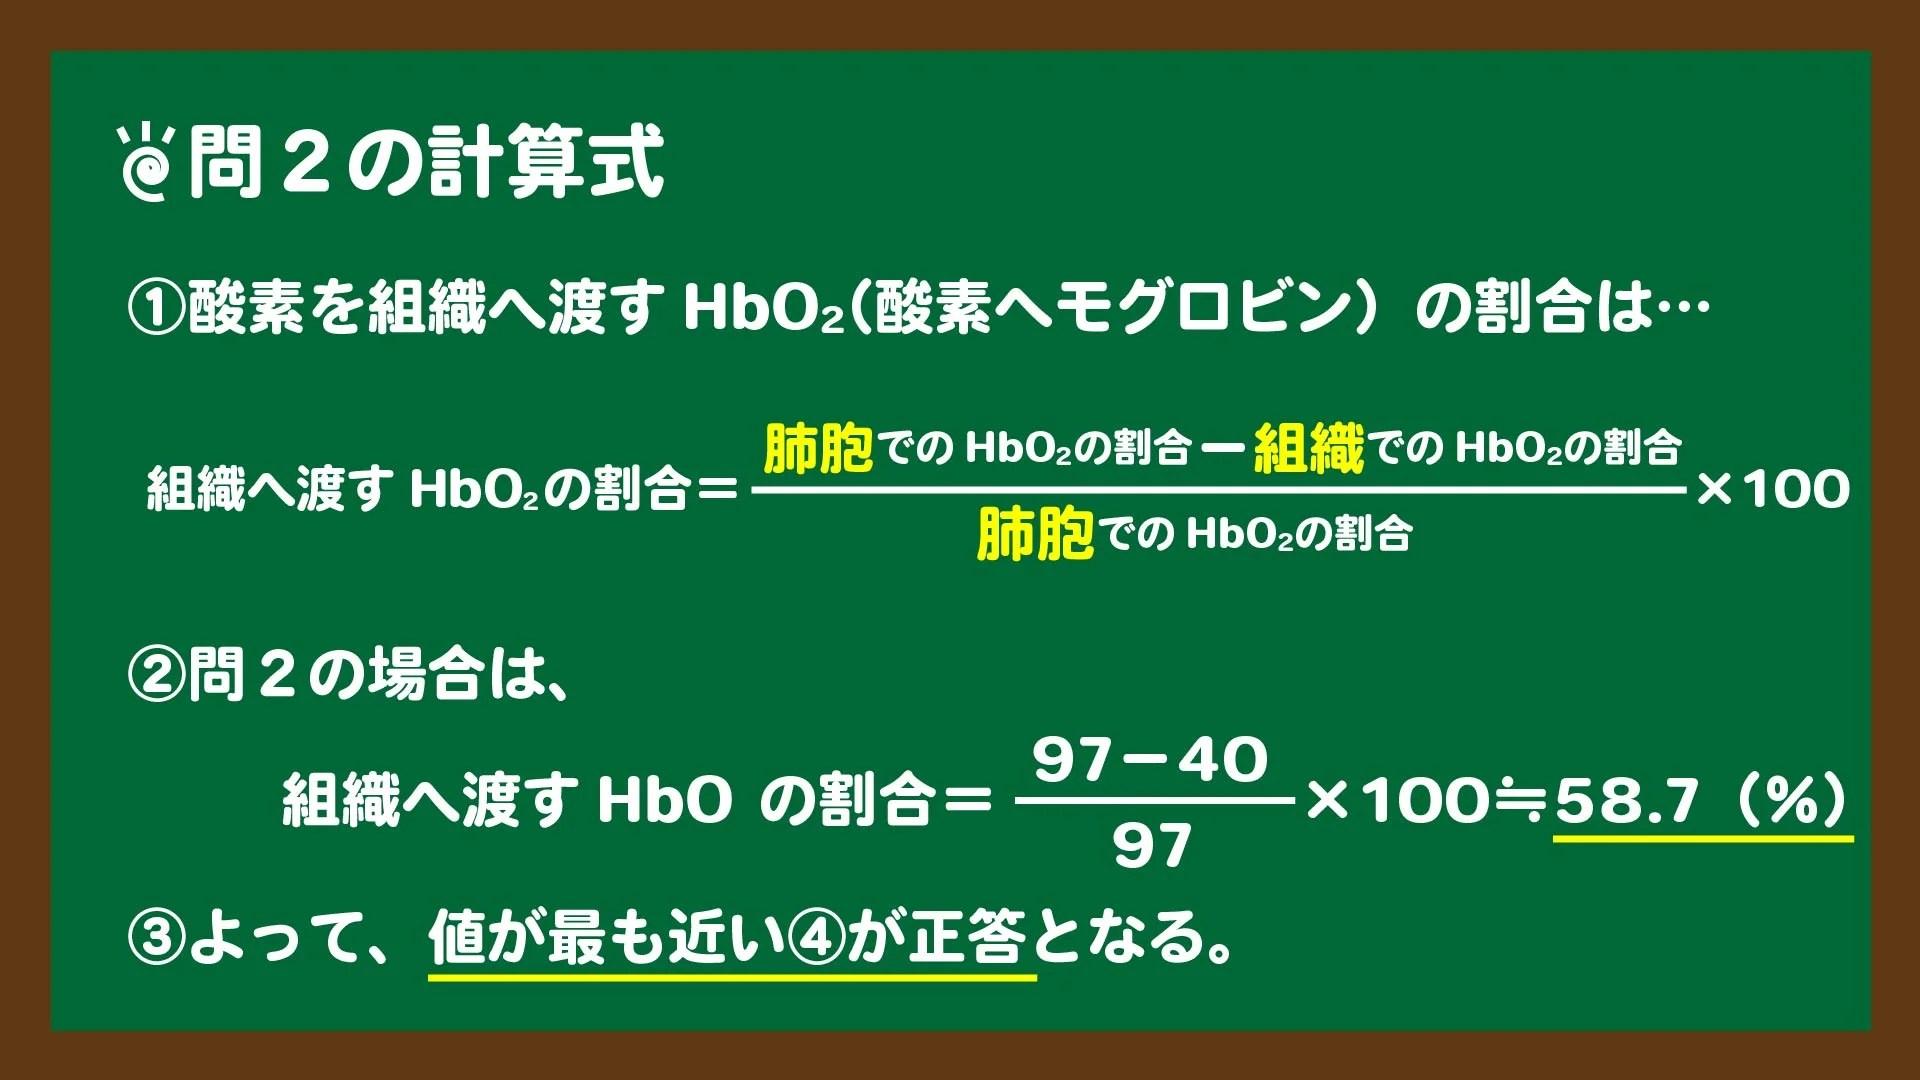 スライド4:酸素を組織へ渡す酸素ヘモグロビンの割合の計算式